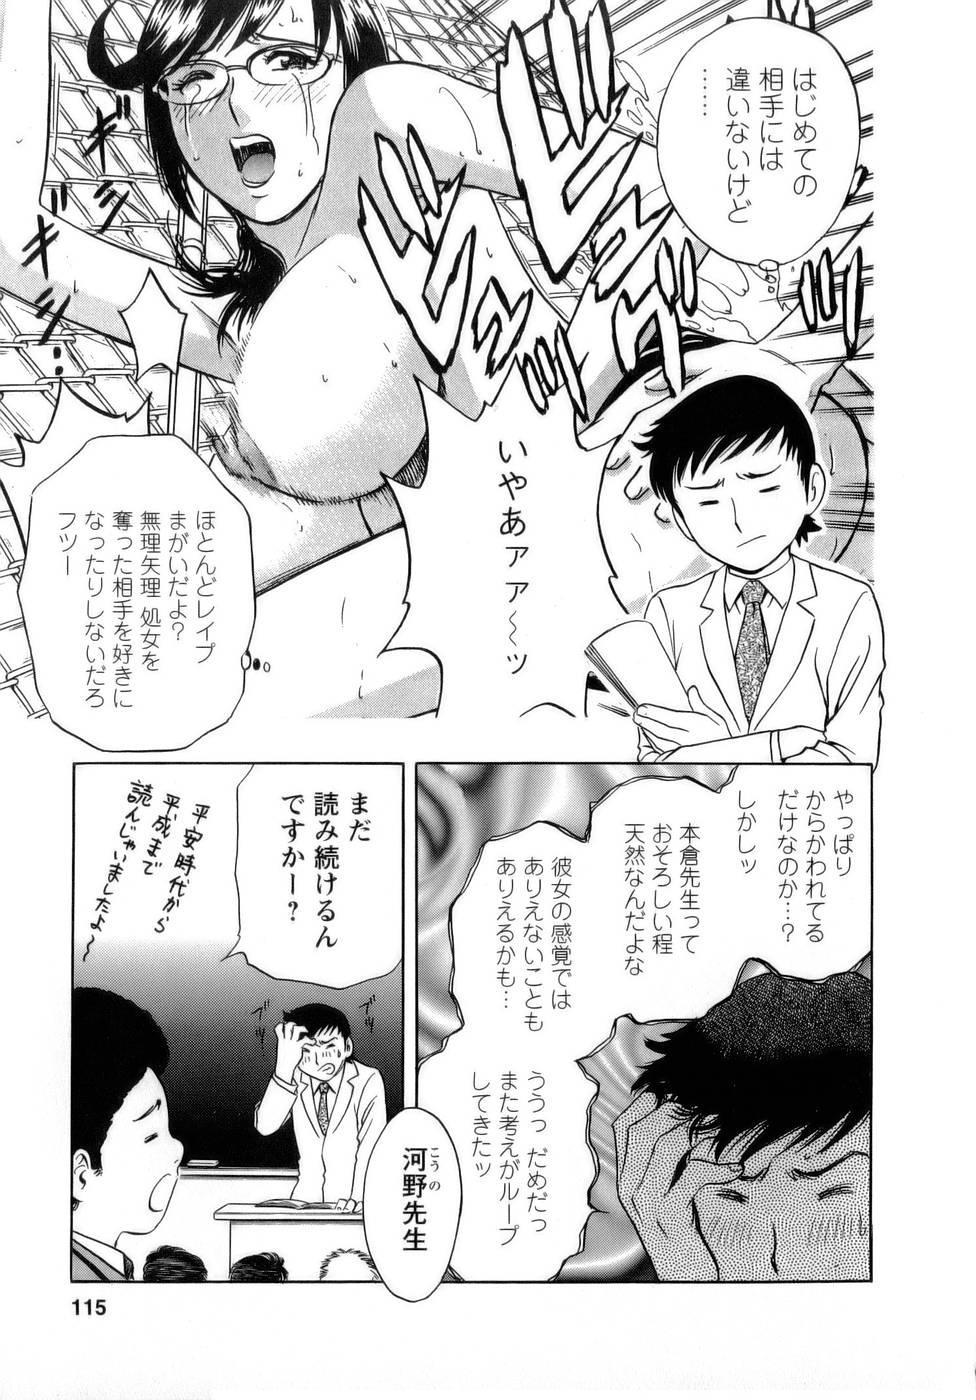 [Hidemaru] Mo-Retsu! Boin Sensei (Boing Boing Teacher) Vol.1 114